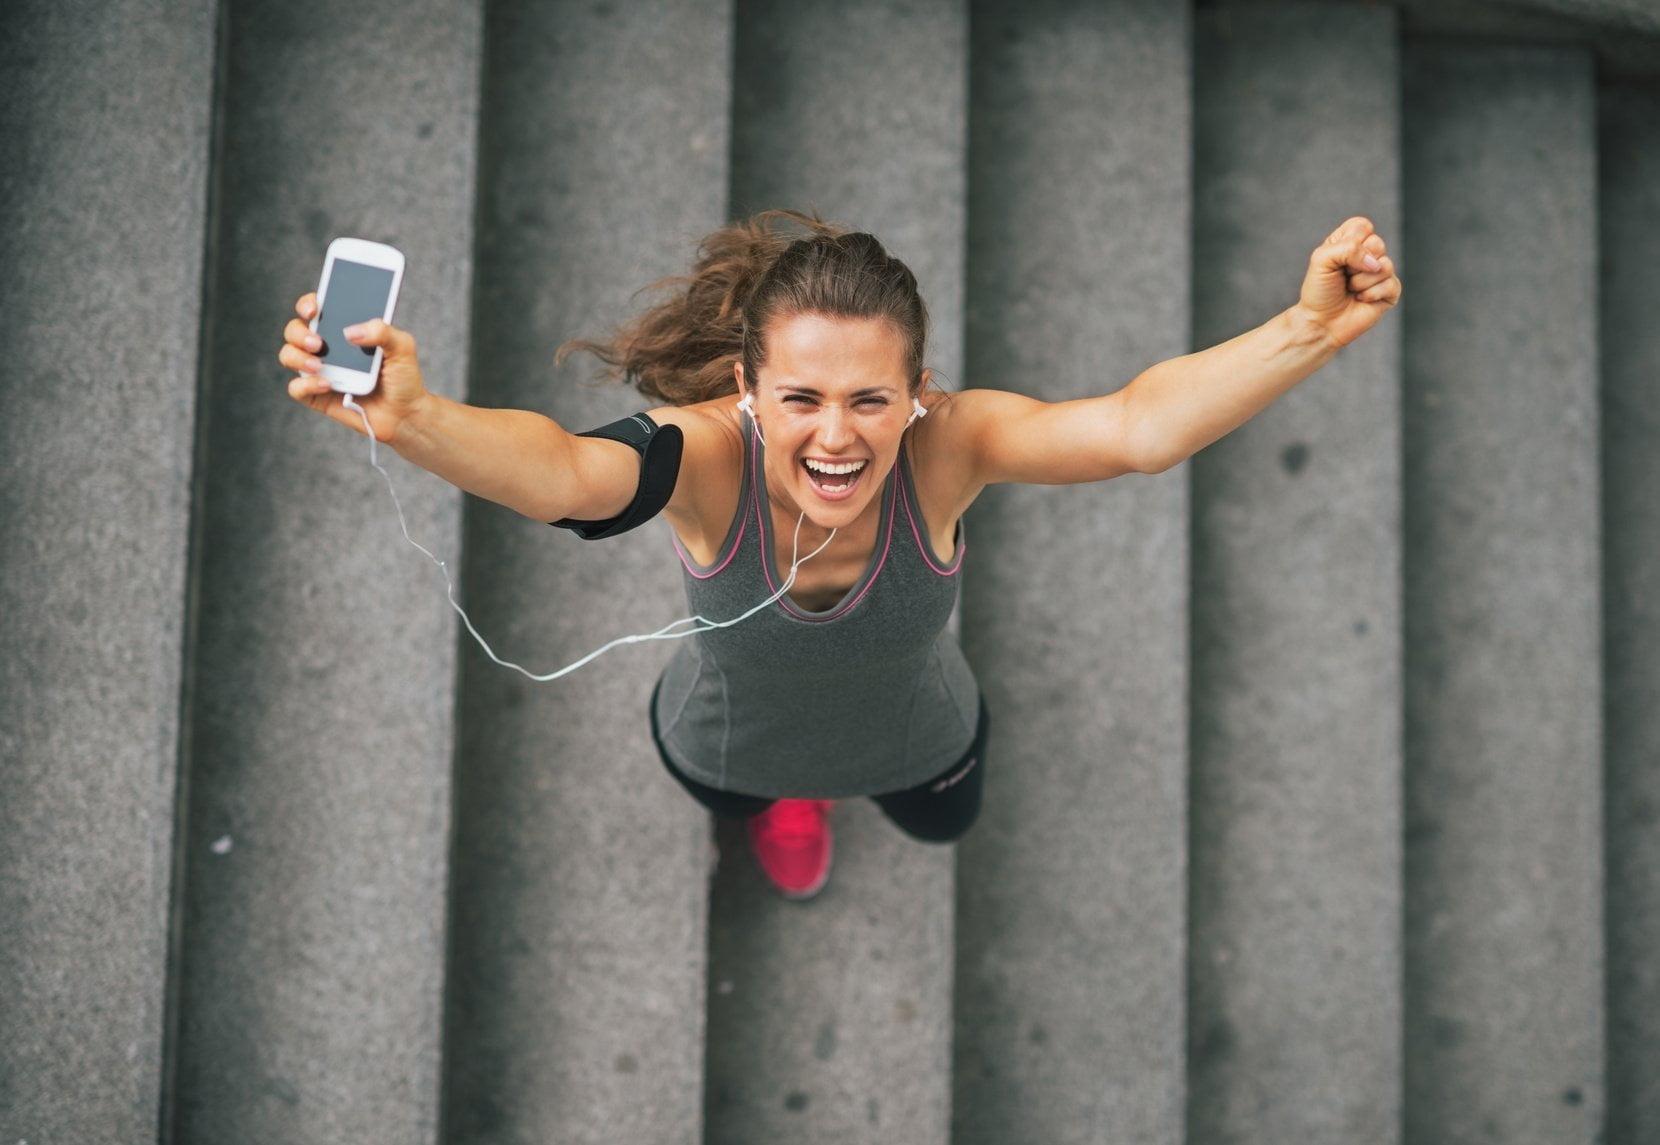 ćwiczenia na skakance są bardzo skuteczne